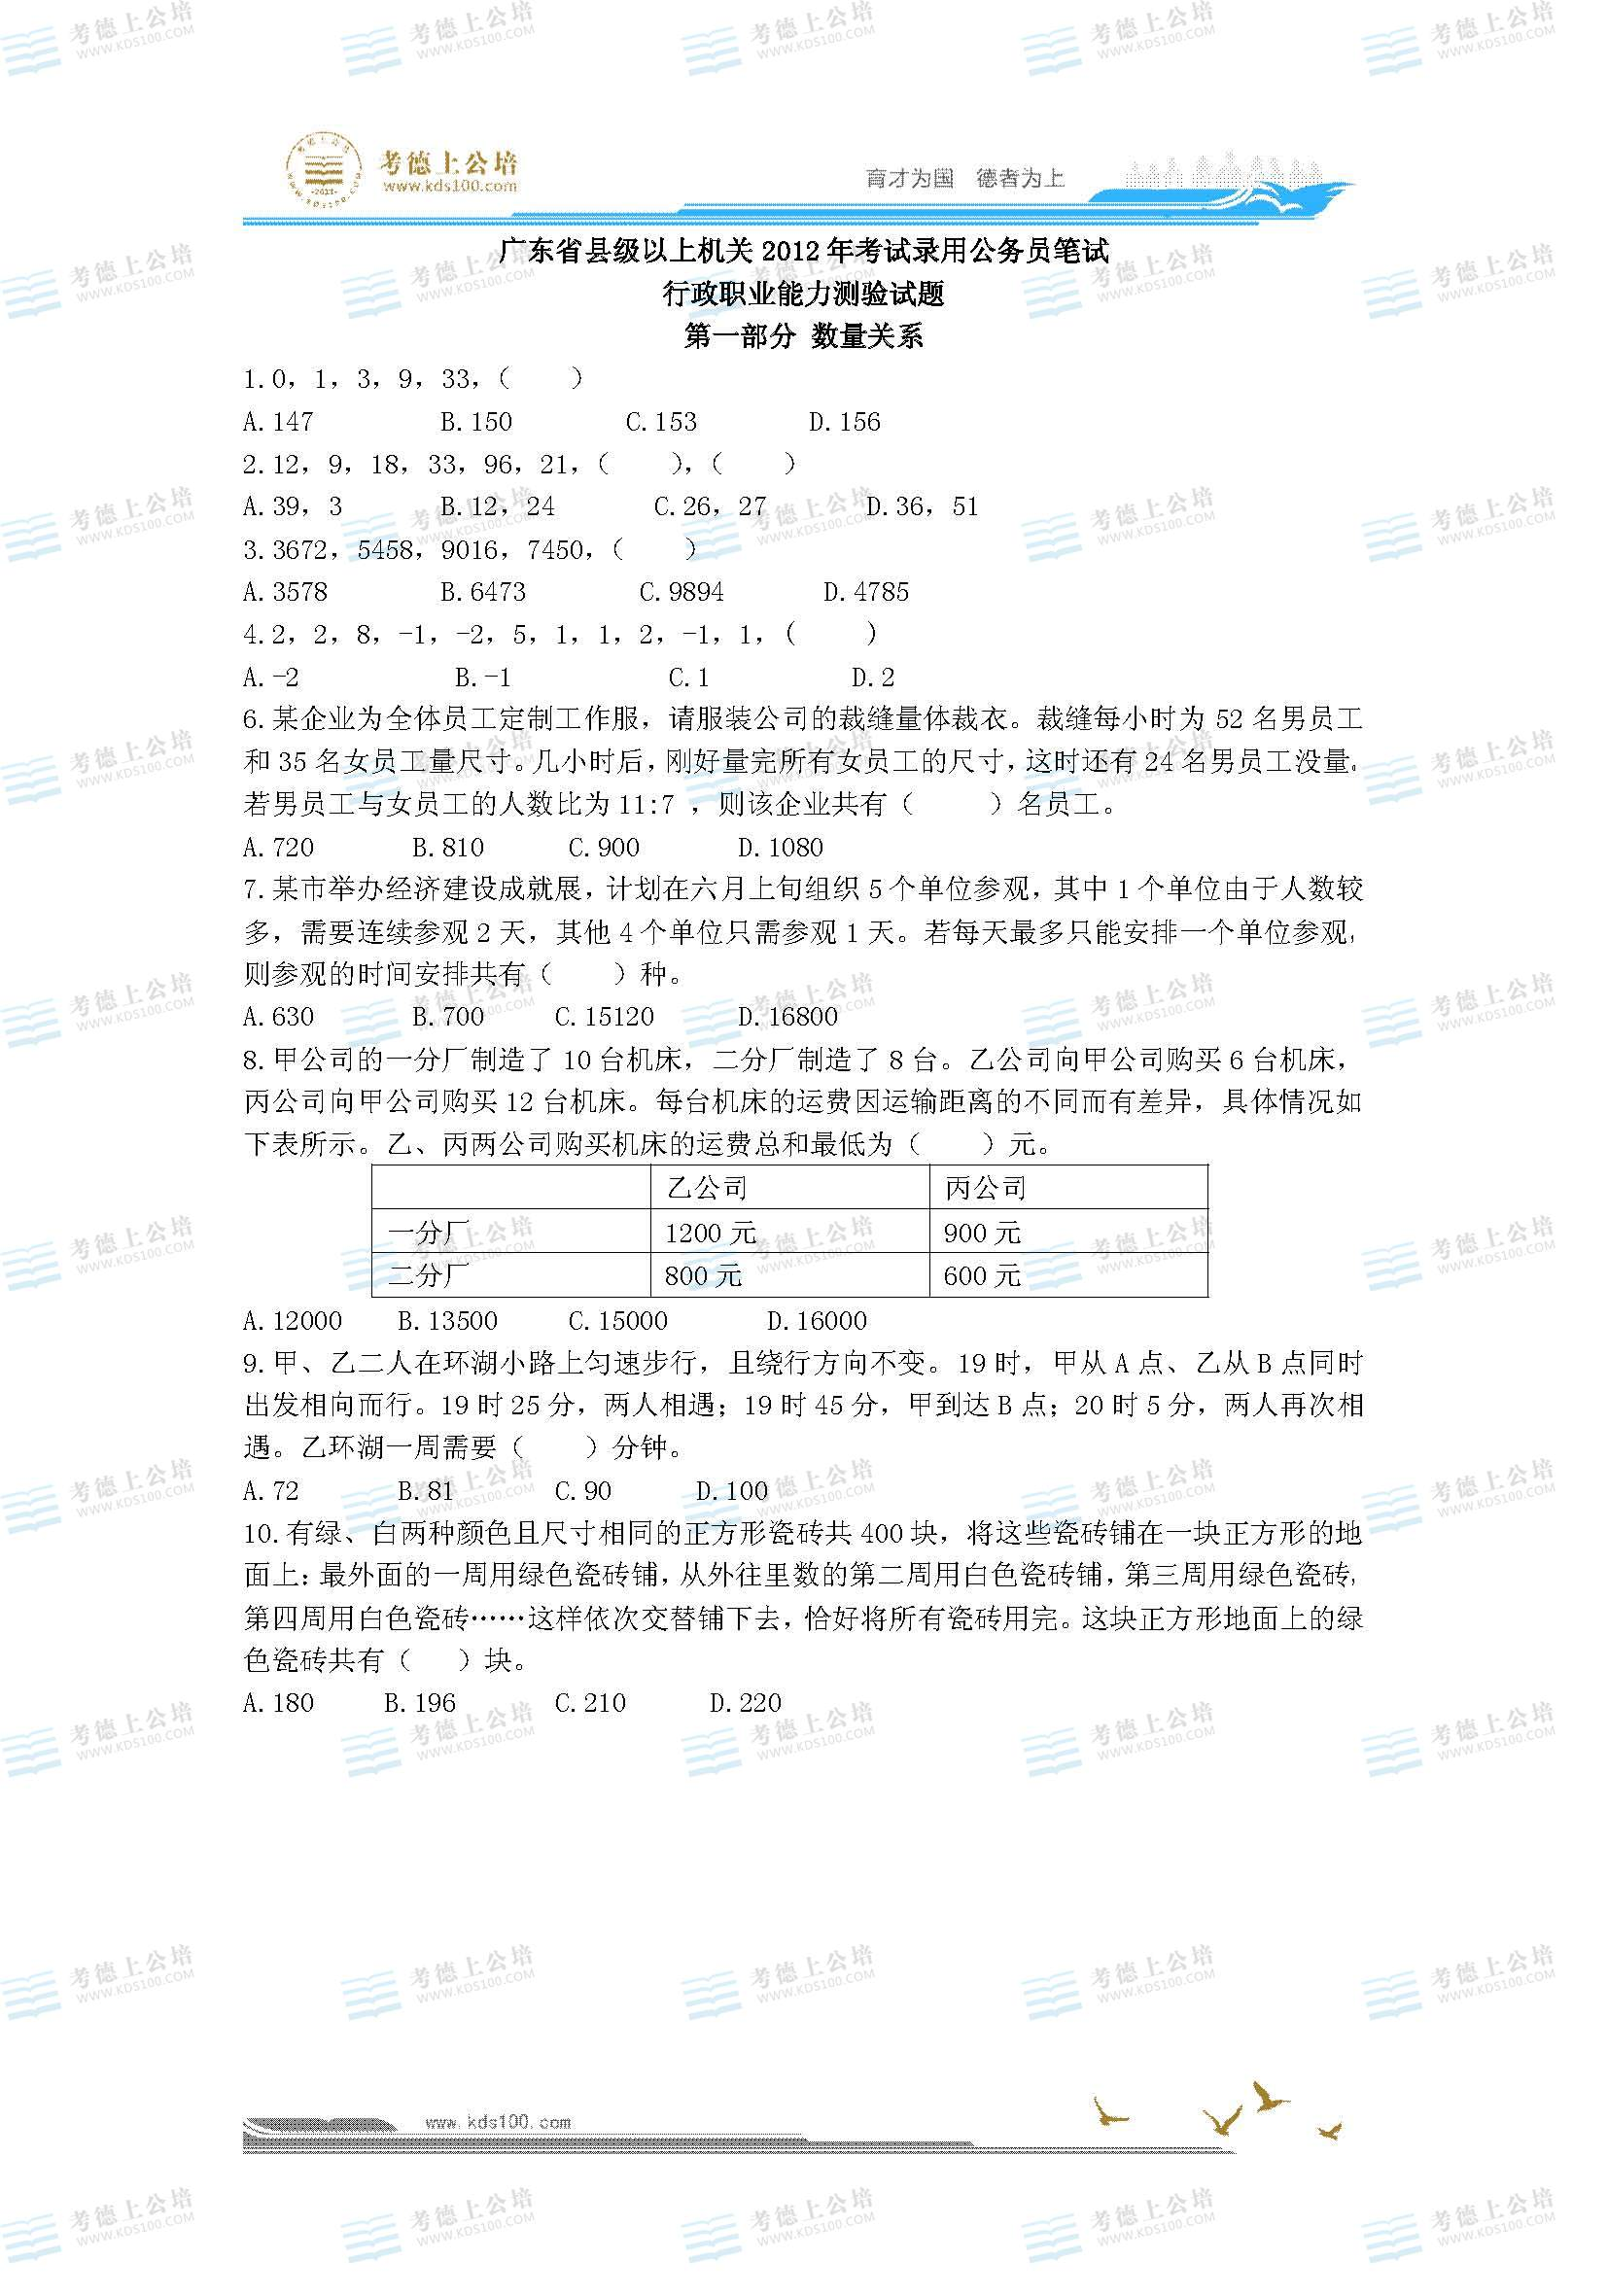 2012年广东公务员考试《行测》试题